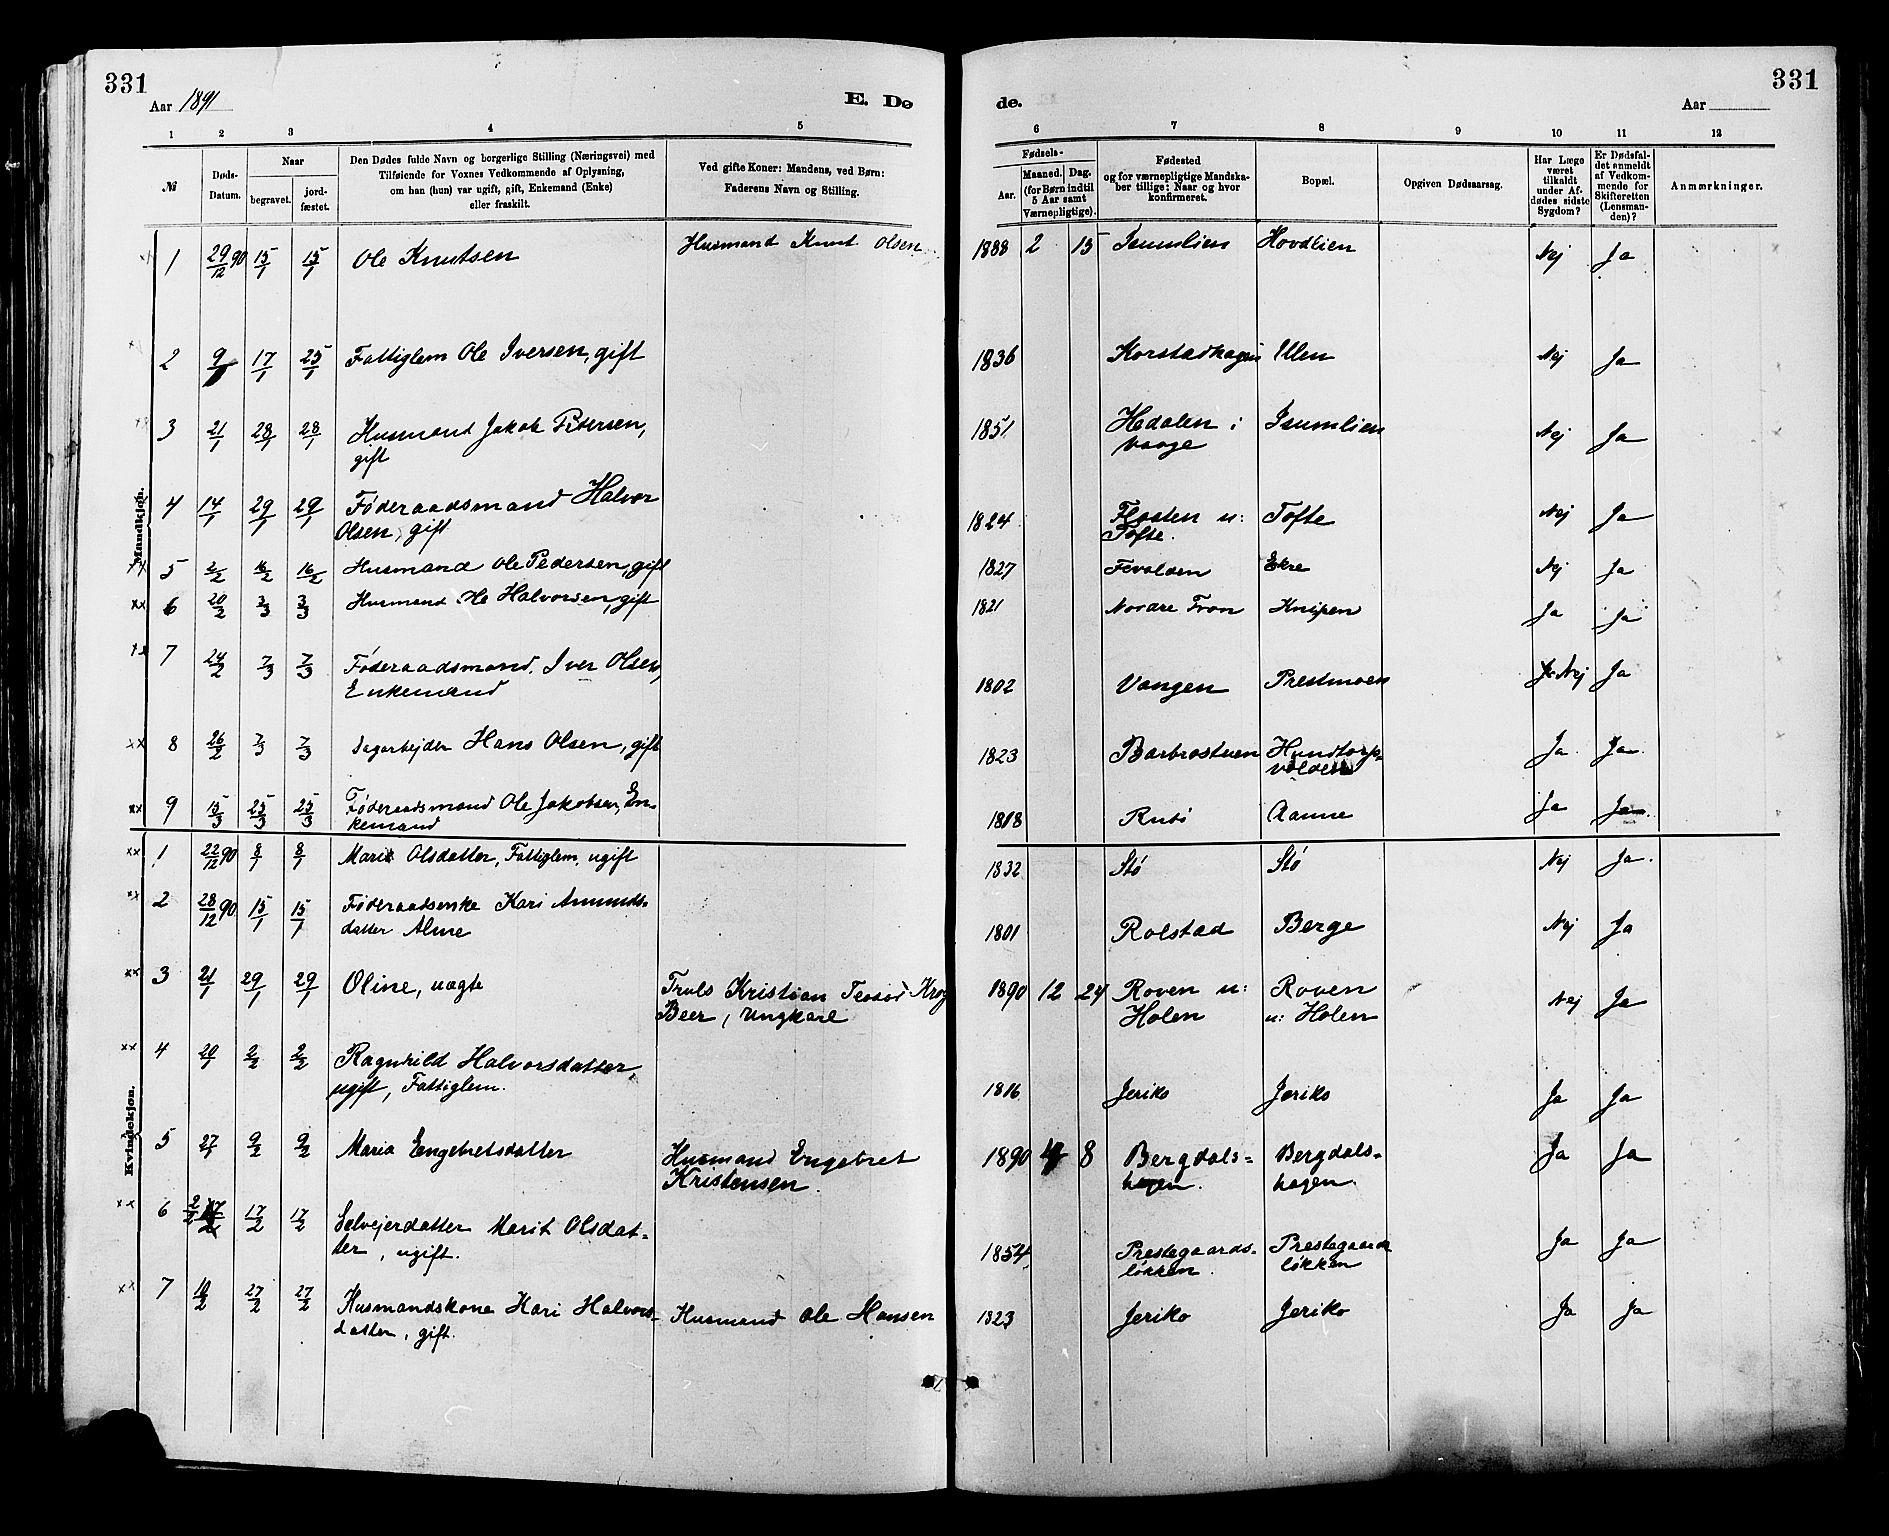 SAH, Sør-Fron prestekontor, H/Ha/Haa/L0003: Ministerialbok nr. 3, 1881-1897, s. 331